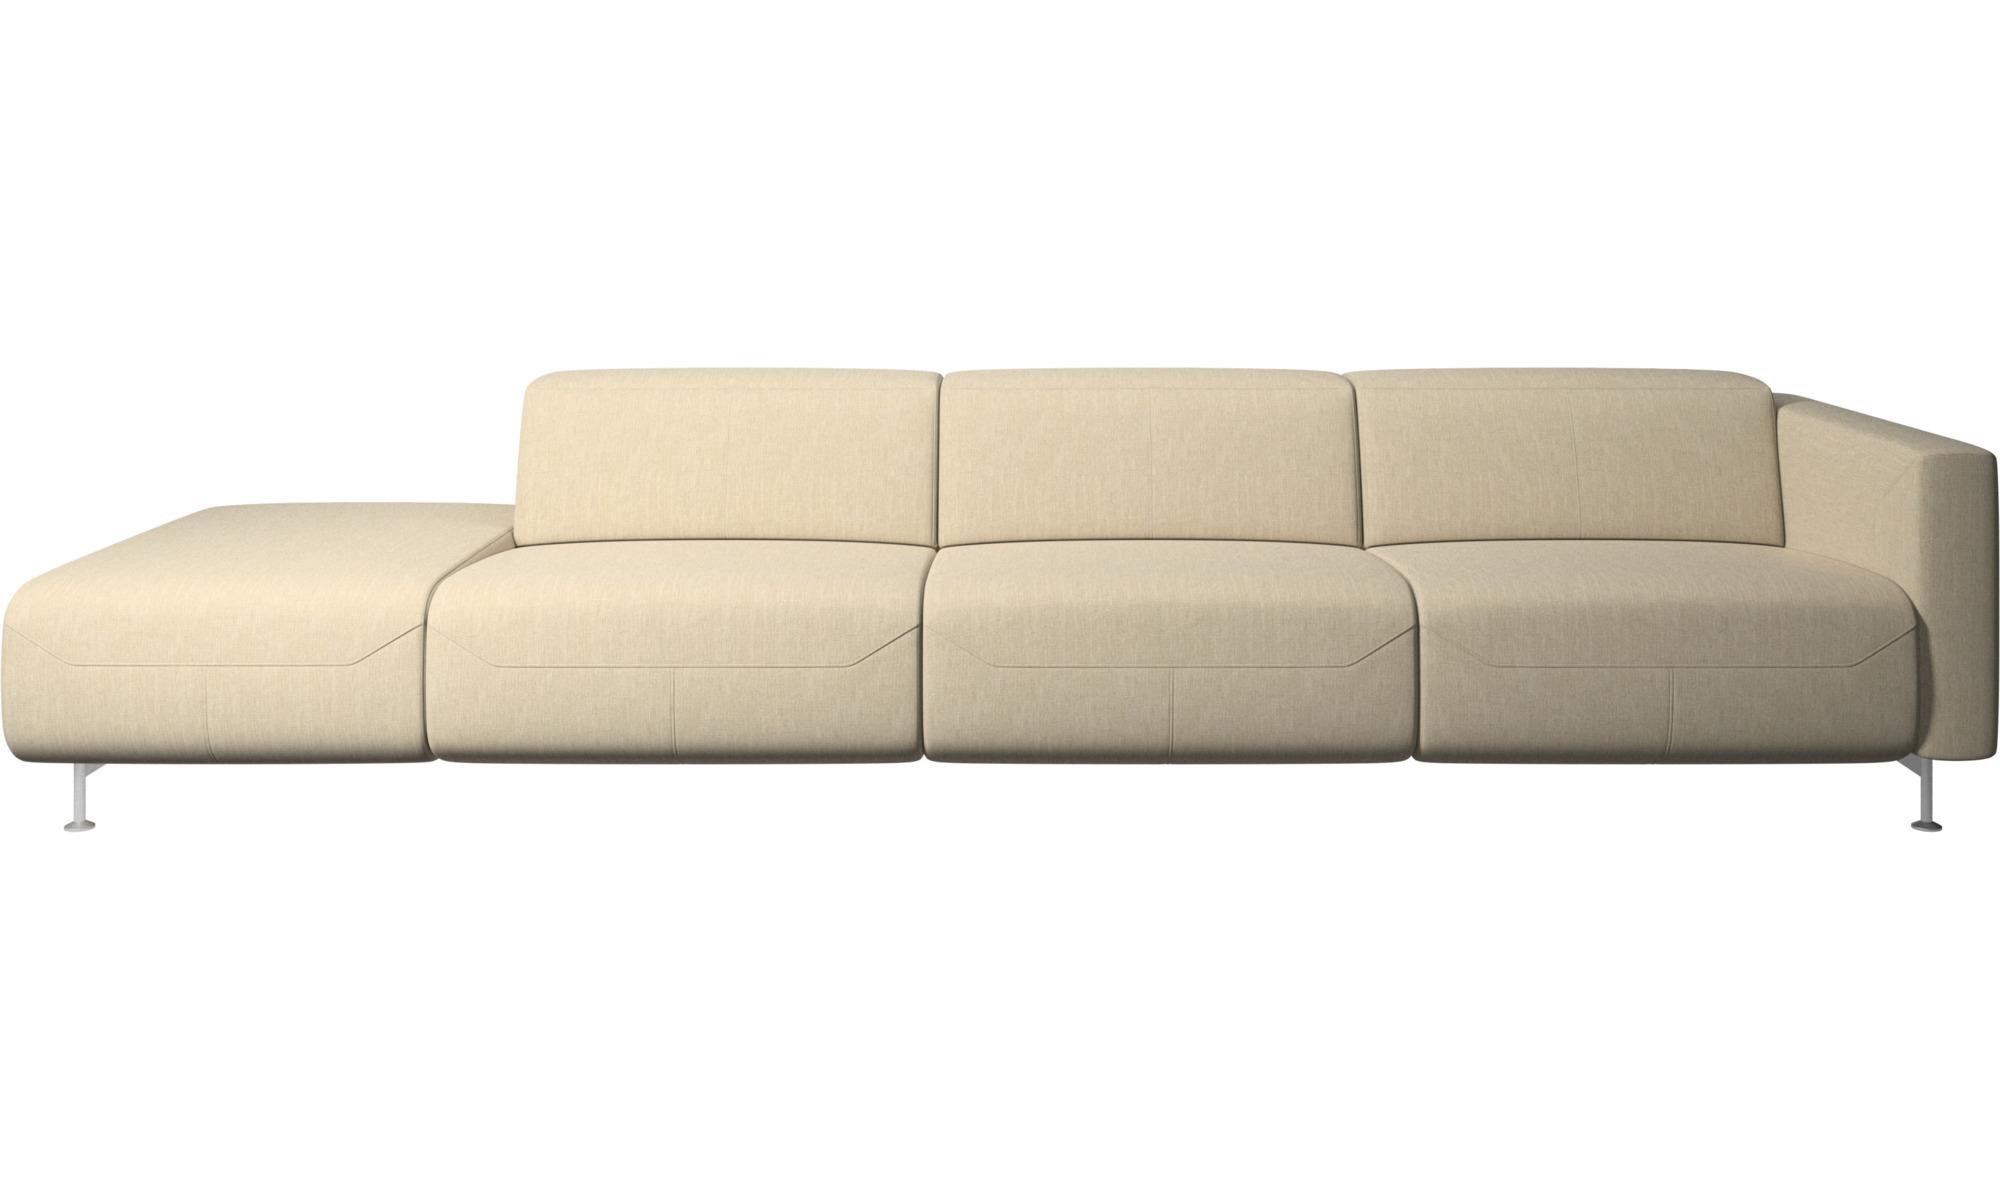 Justerbare sofaer - Parma sofa med hvilefunktion og open end - Brun - Stof